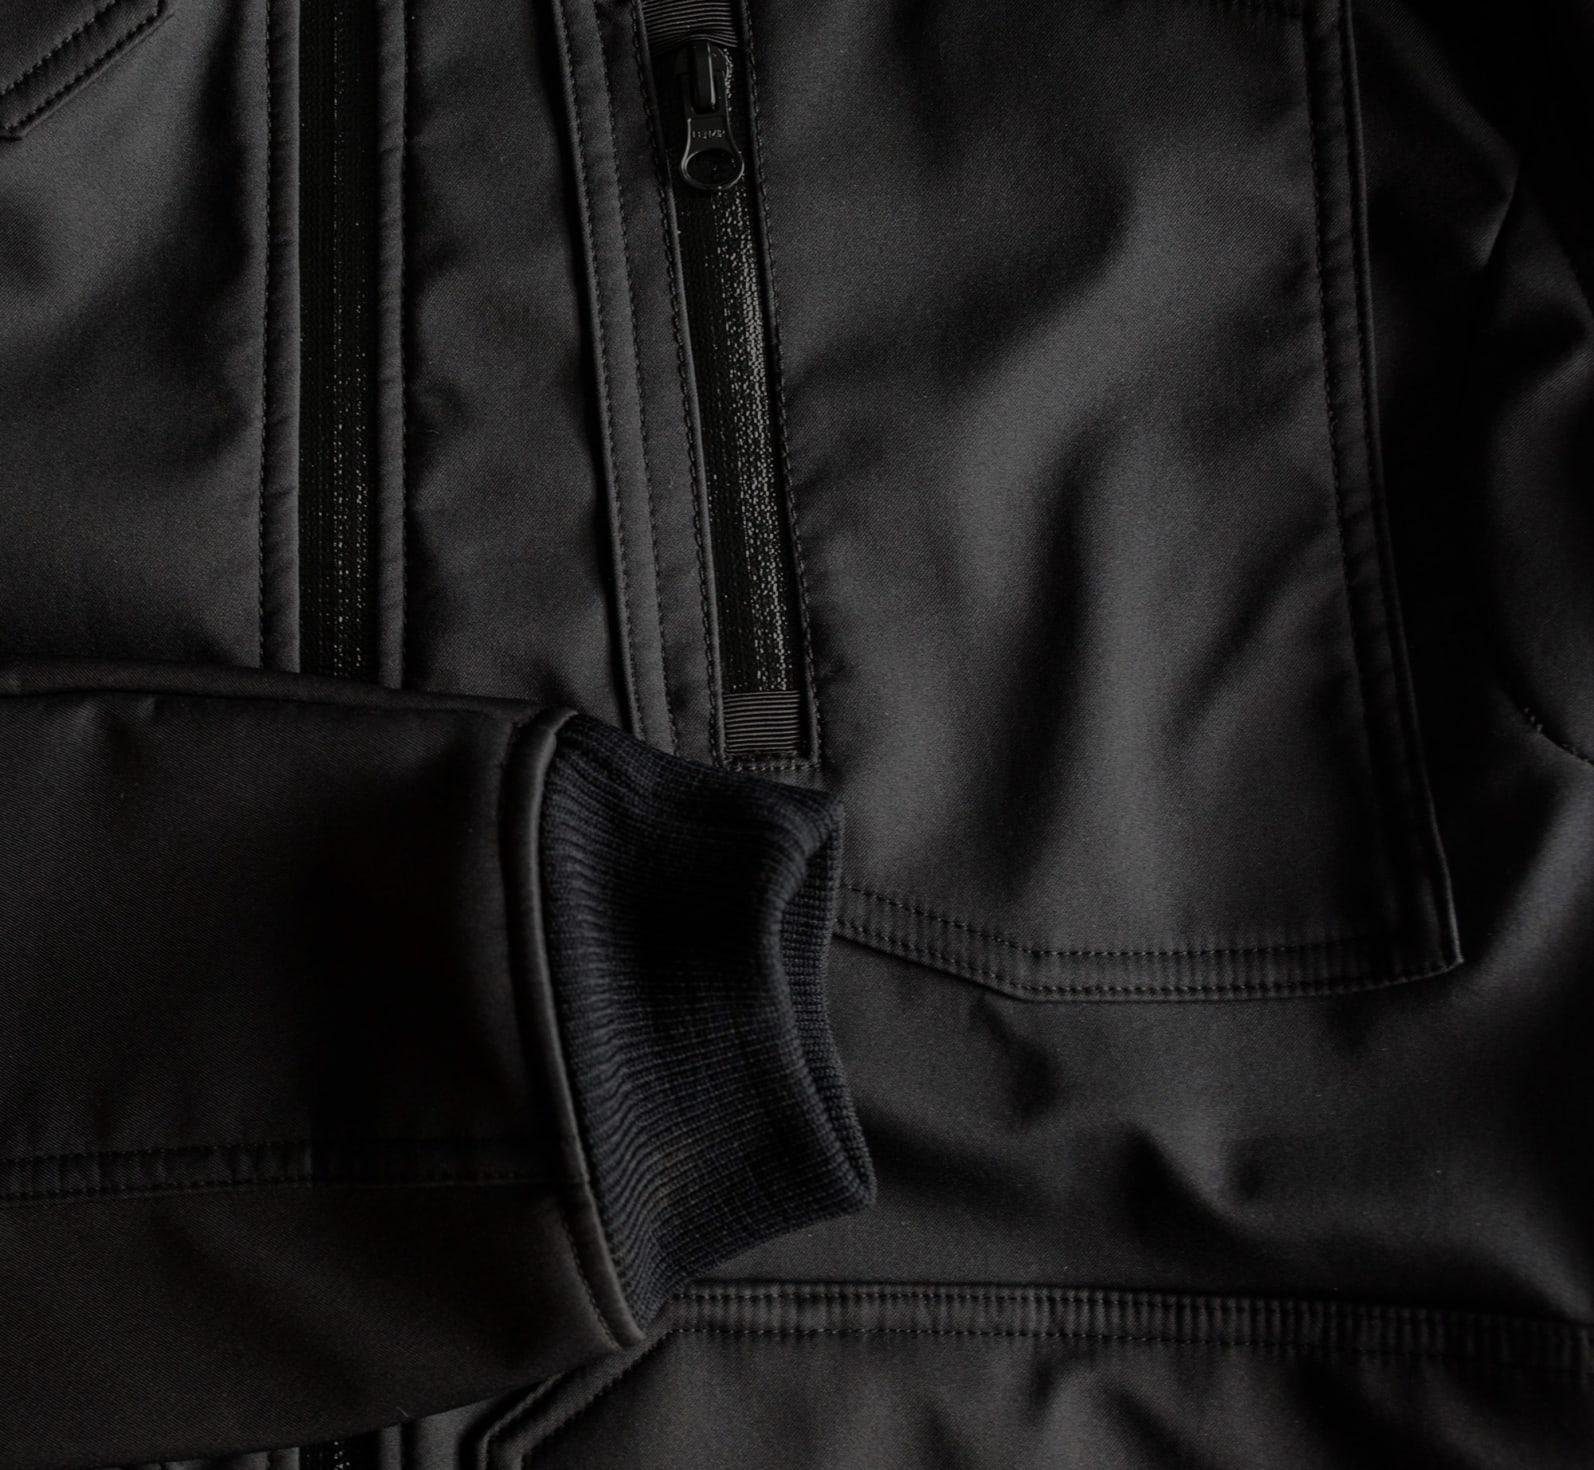 flak-jacket-gallery-04